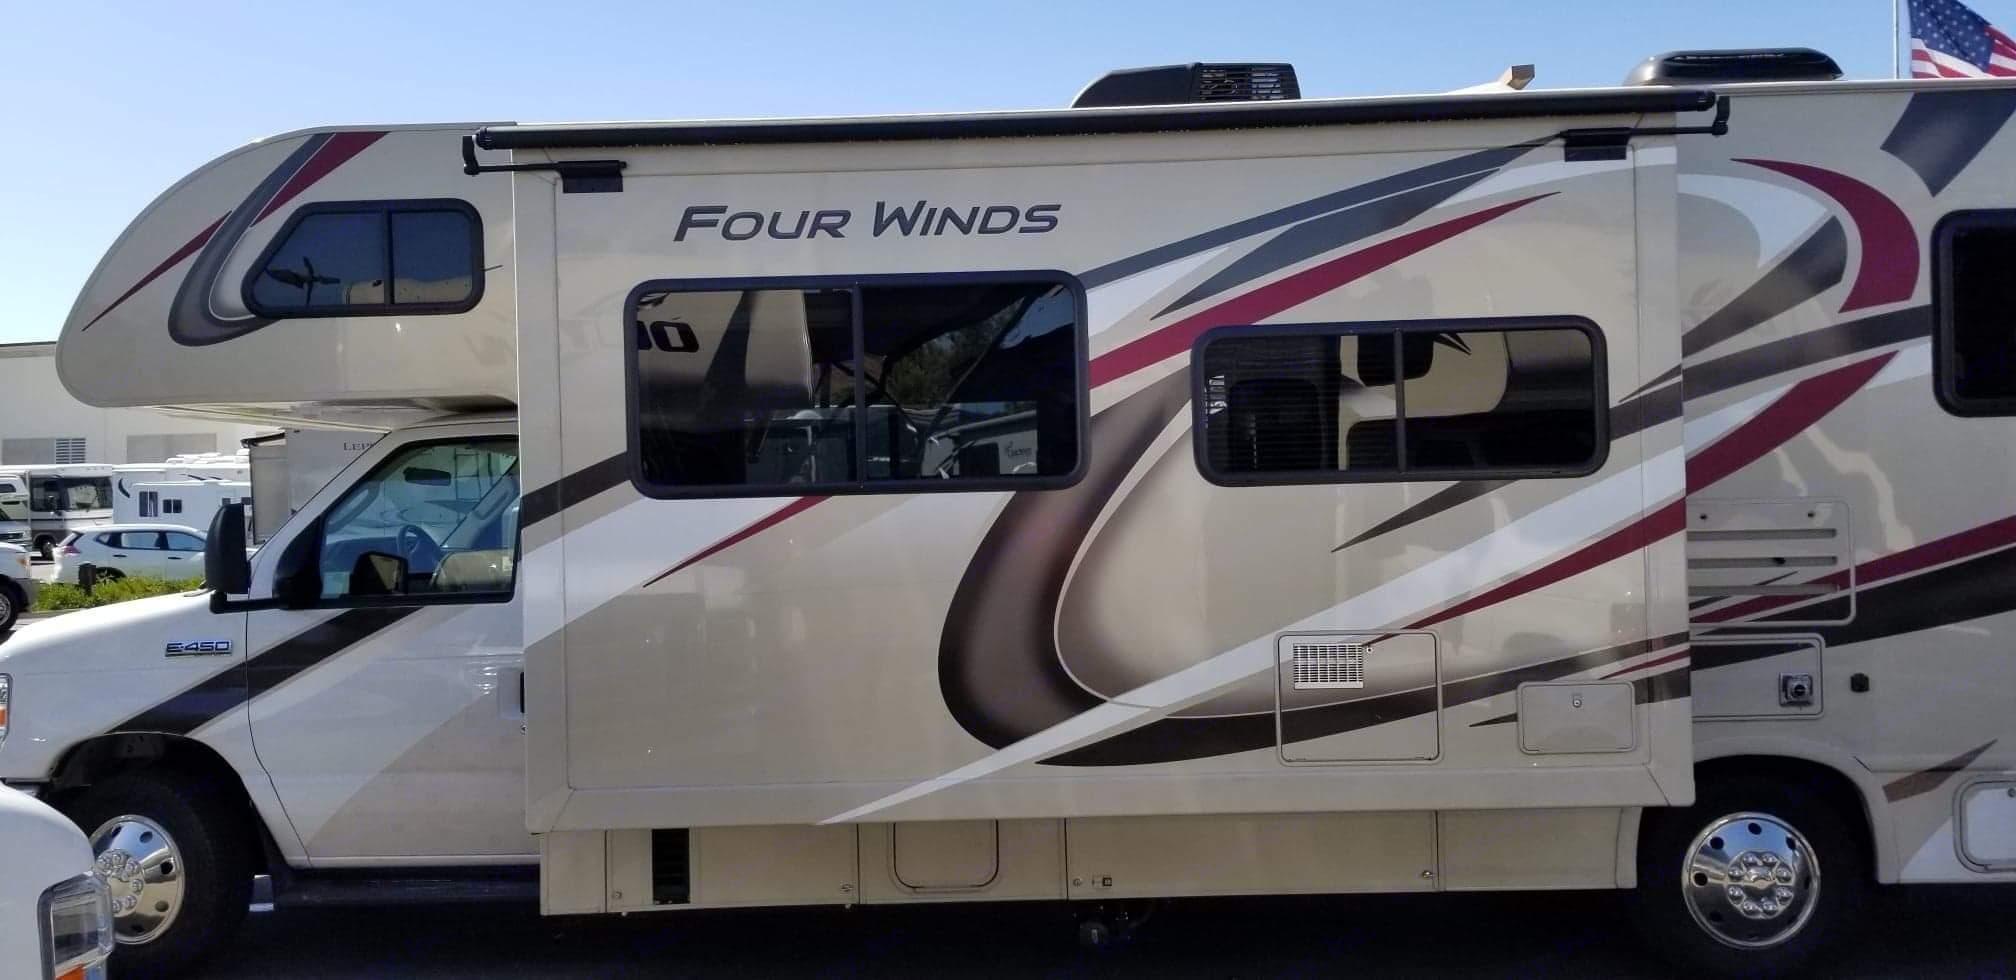 Ford Fourwinds 2020